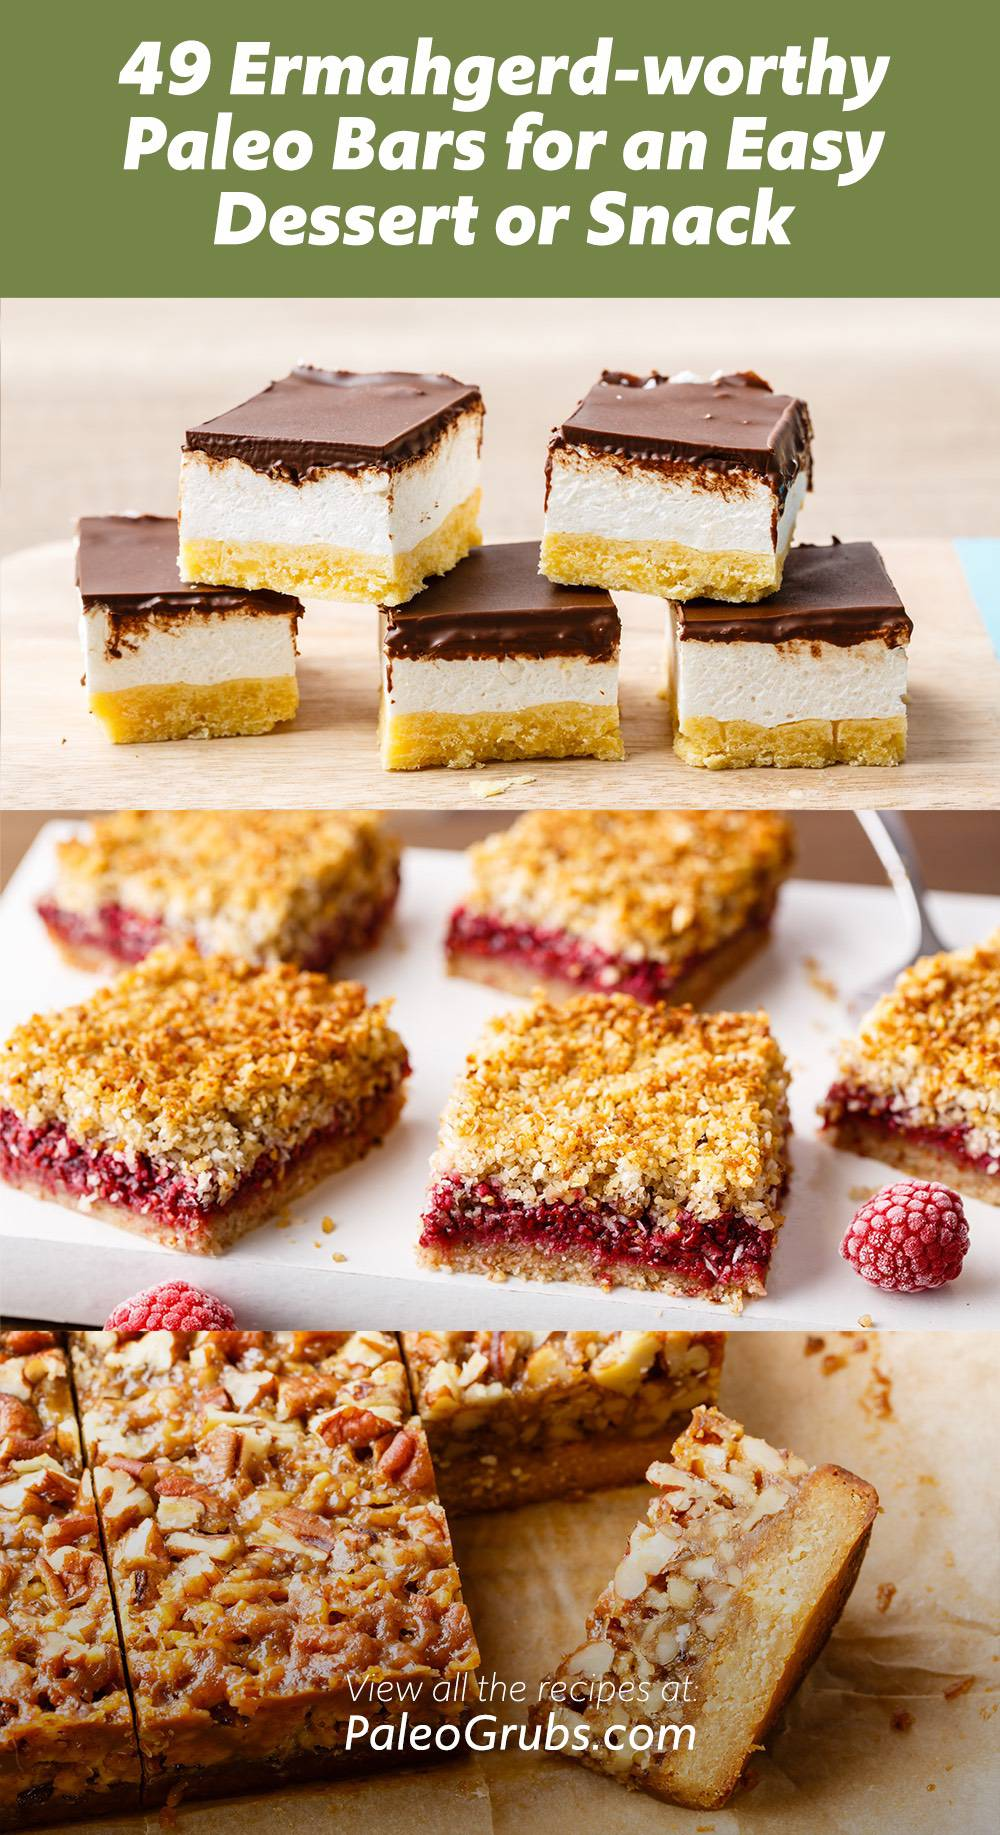 49 Ermahgerd-worthy Paleo Bars for an Easy Dessert or Snack